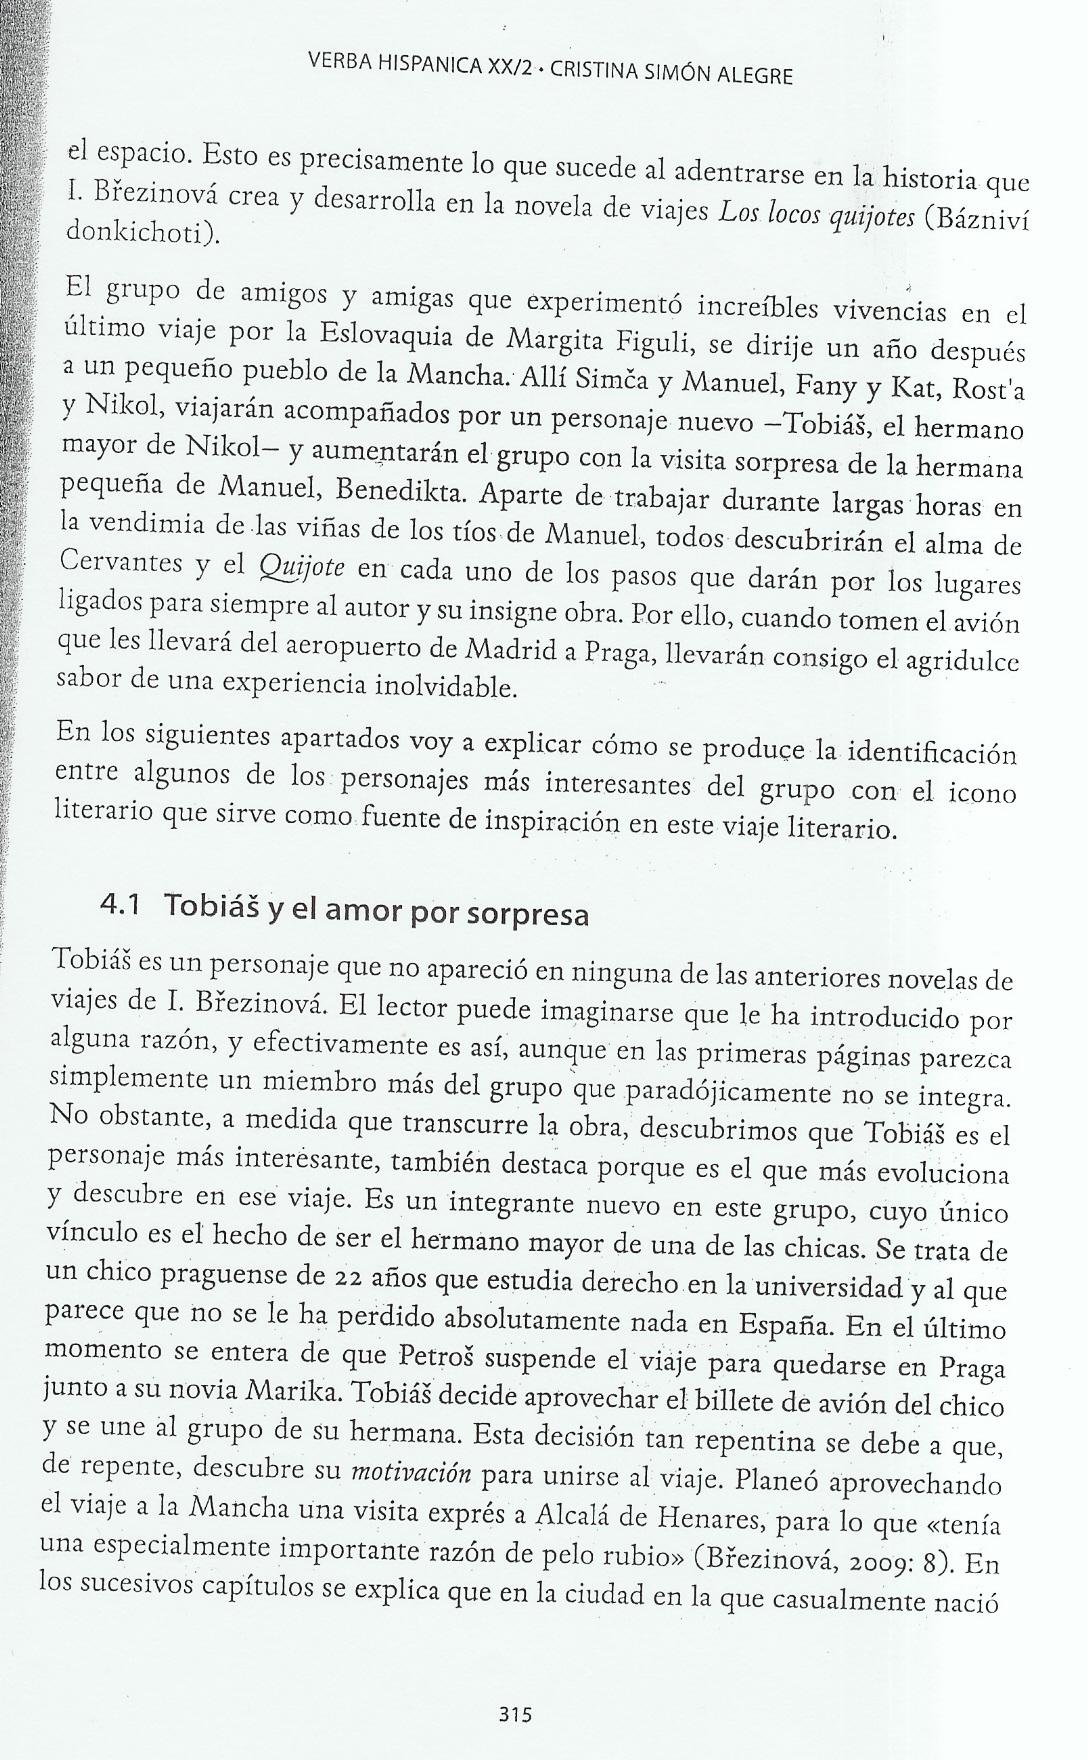 Cristina_Simón_Alegre_s9